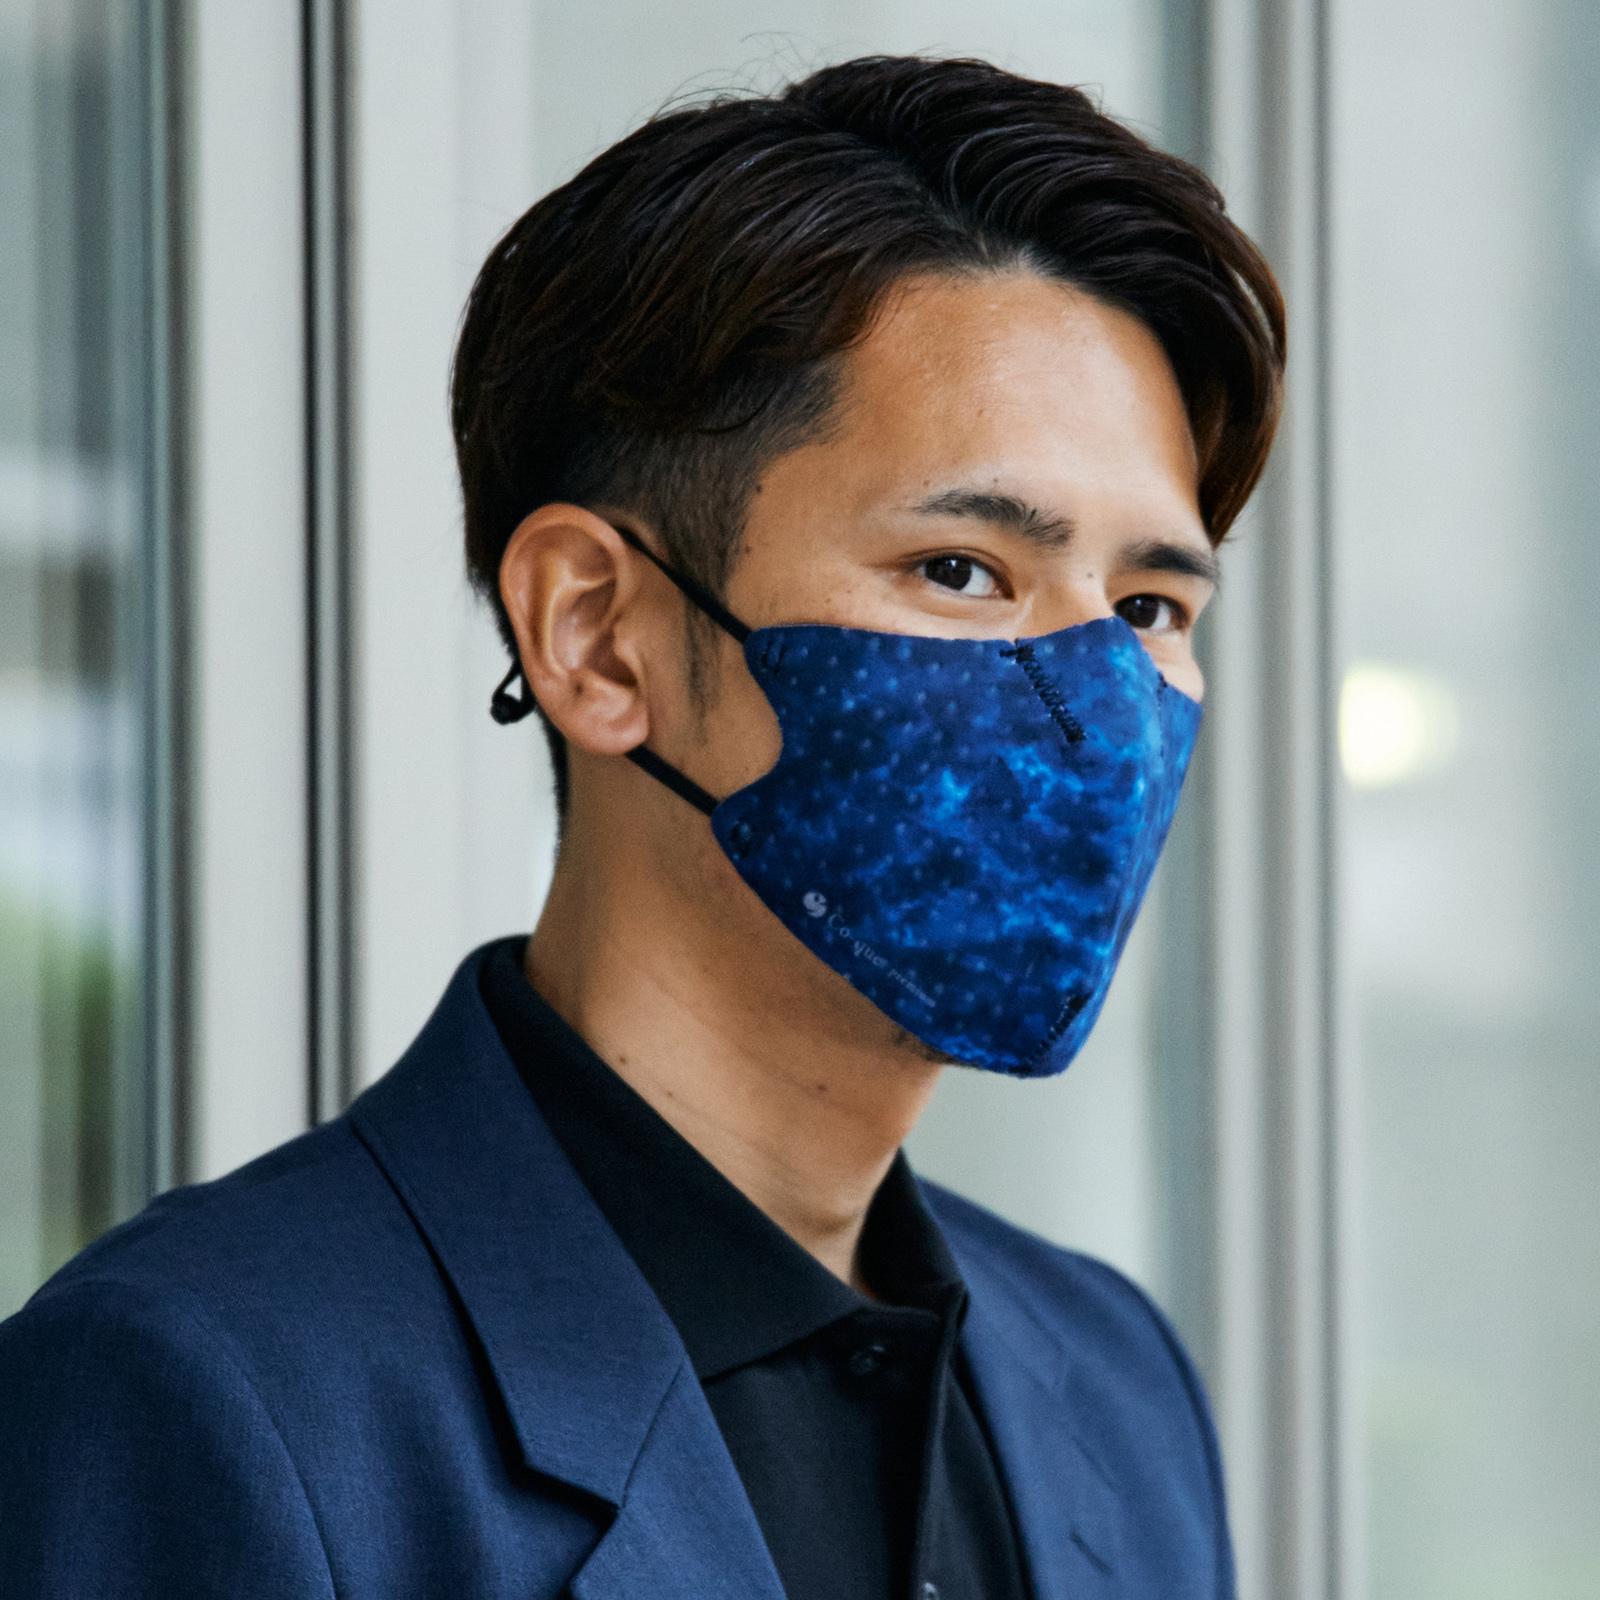 【単色購入】呼吸 Co-que プレミアム ブラック&ブルー カモフラージュ